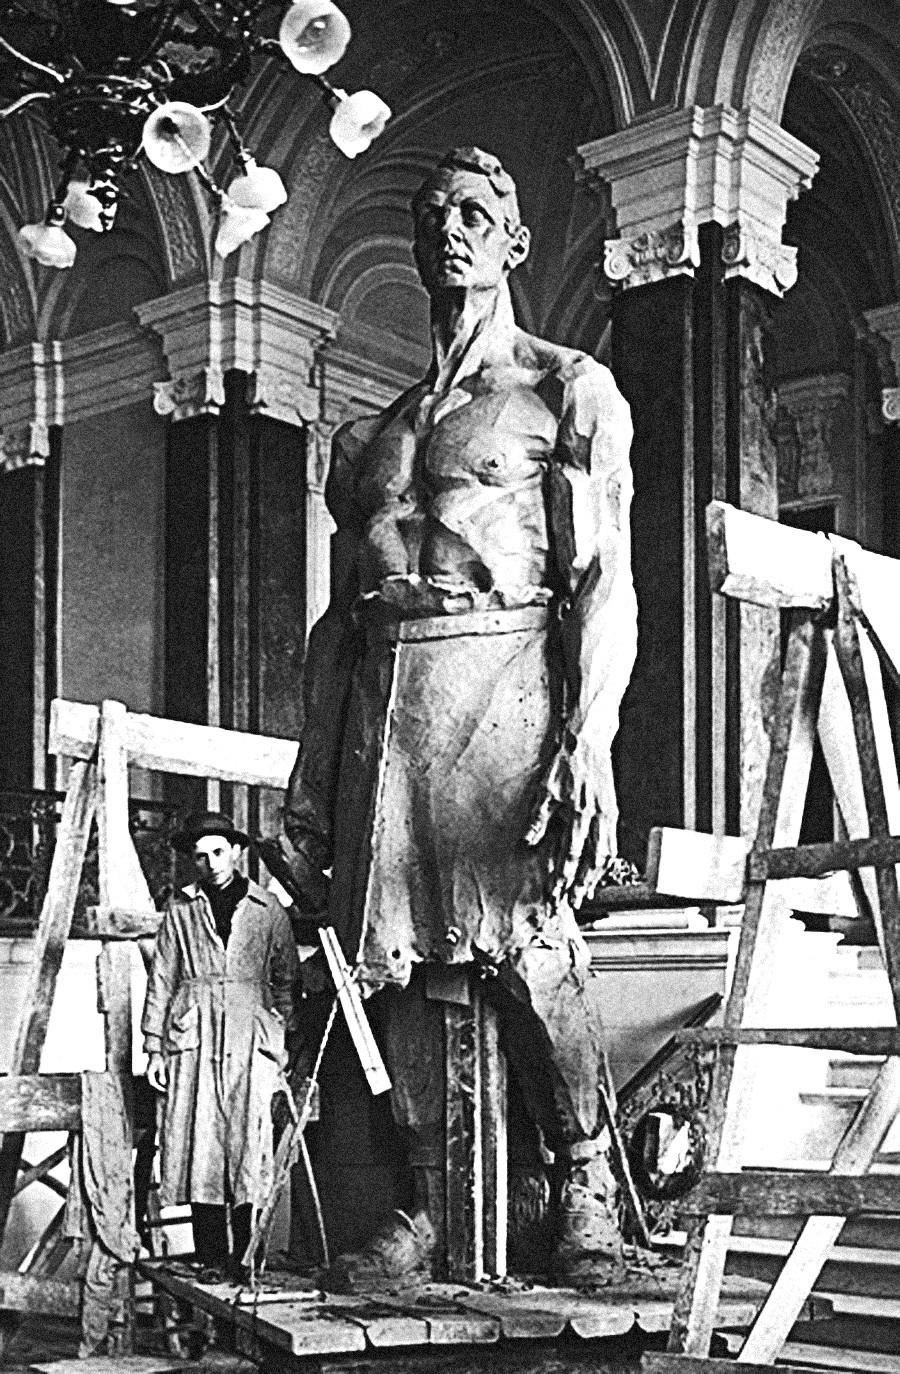 """Der russische Bildhauer Michail Bloch lieferte der Revolutions- und Arbeiterpropaganda so bedeutende Werke wie den """"Großen Metallarbeiter"""" (Foto). Dennoch wurde er 1920 wegen angeblicher Spionage für Polen hingerichtet."""